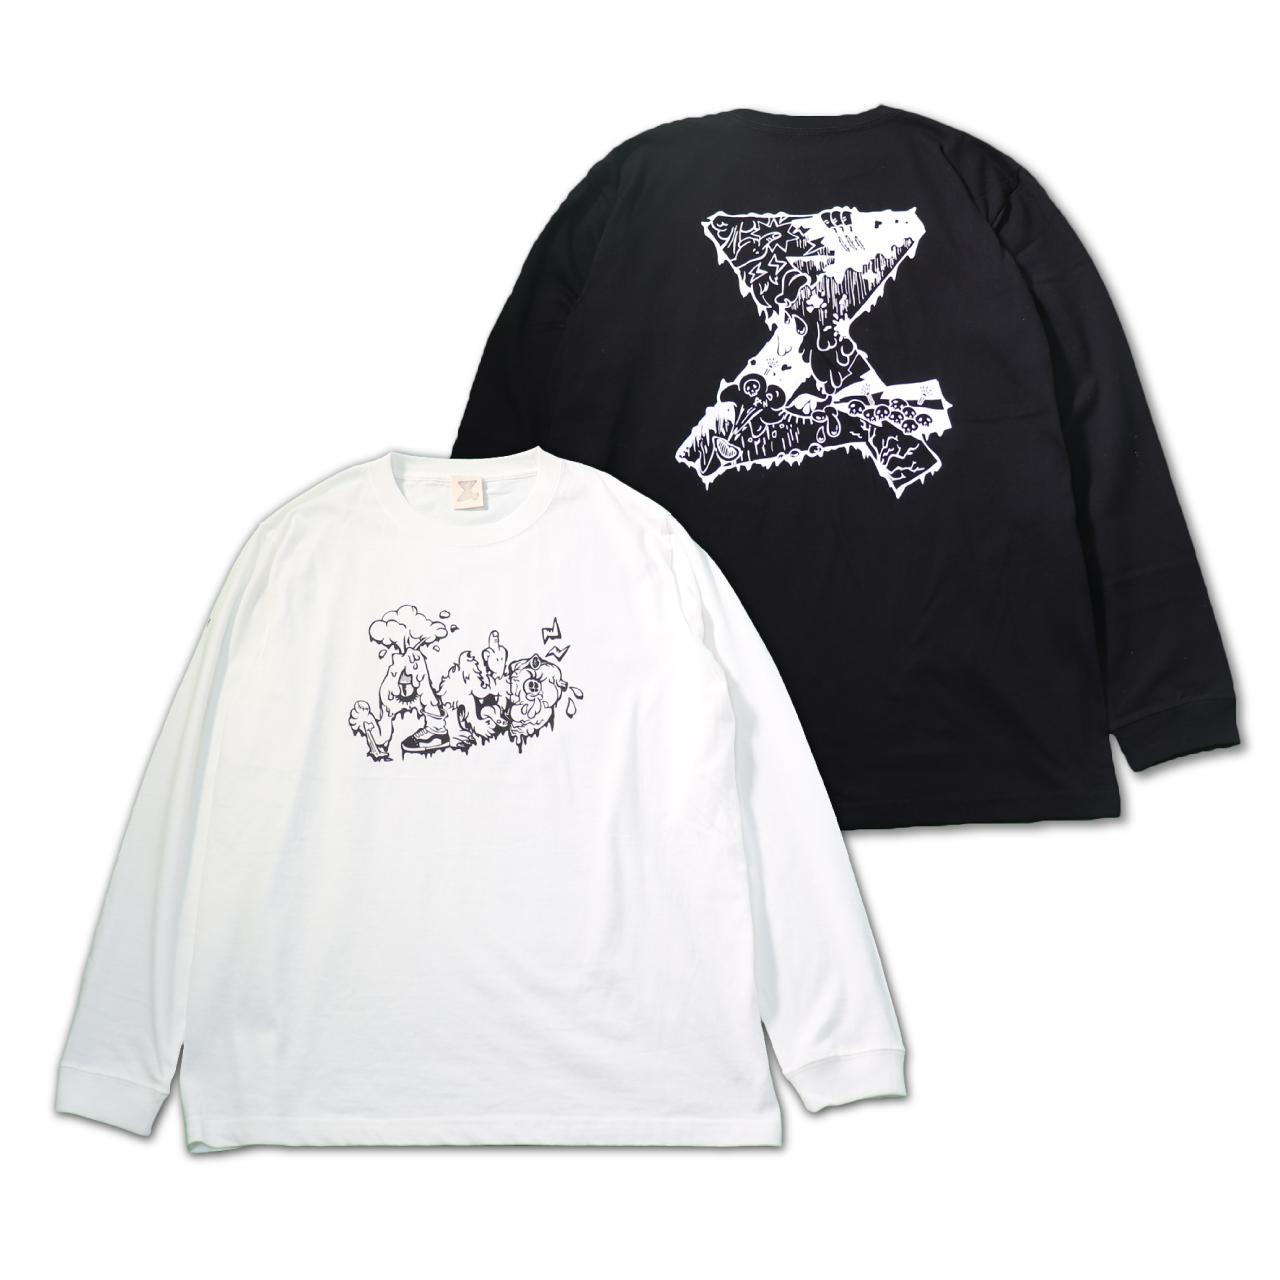 Muddy Monster Long Tshirts【mono ver.】